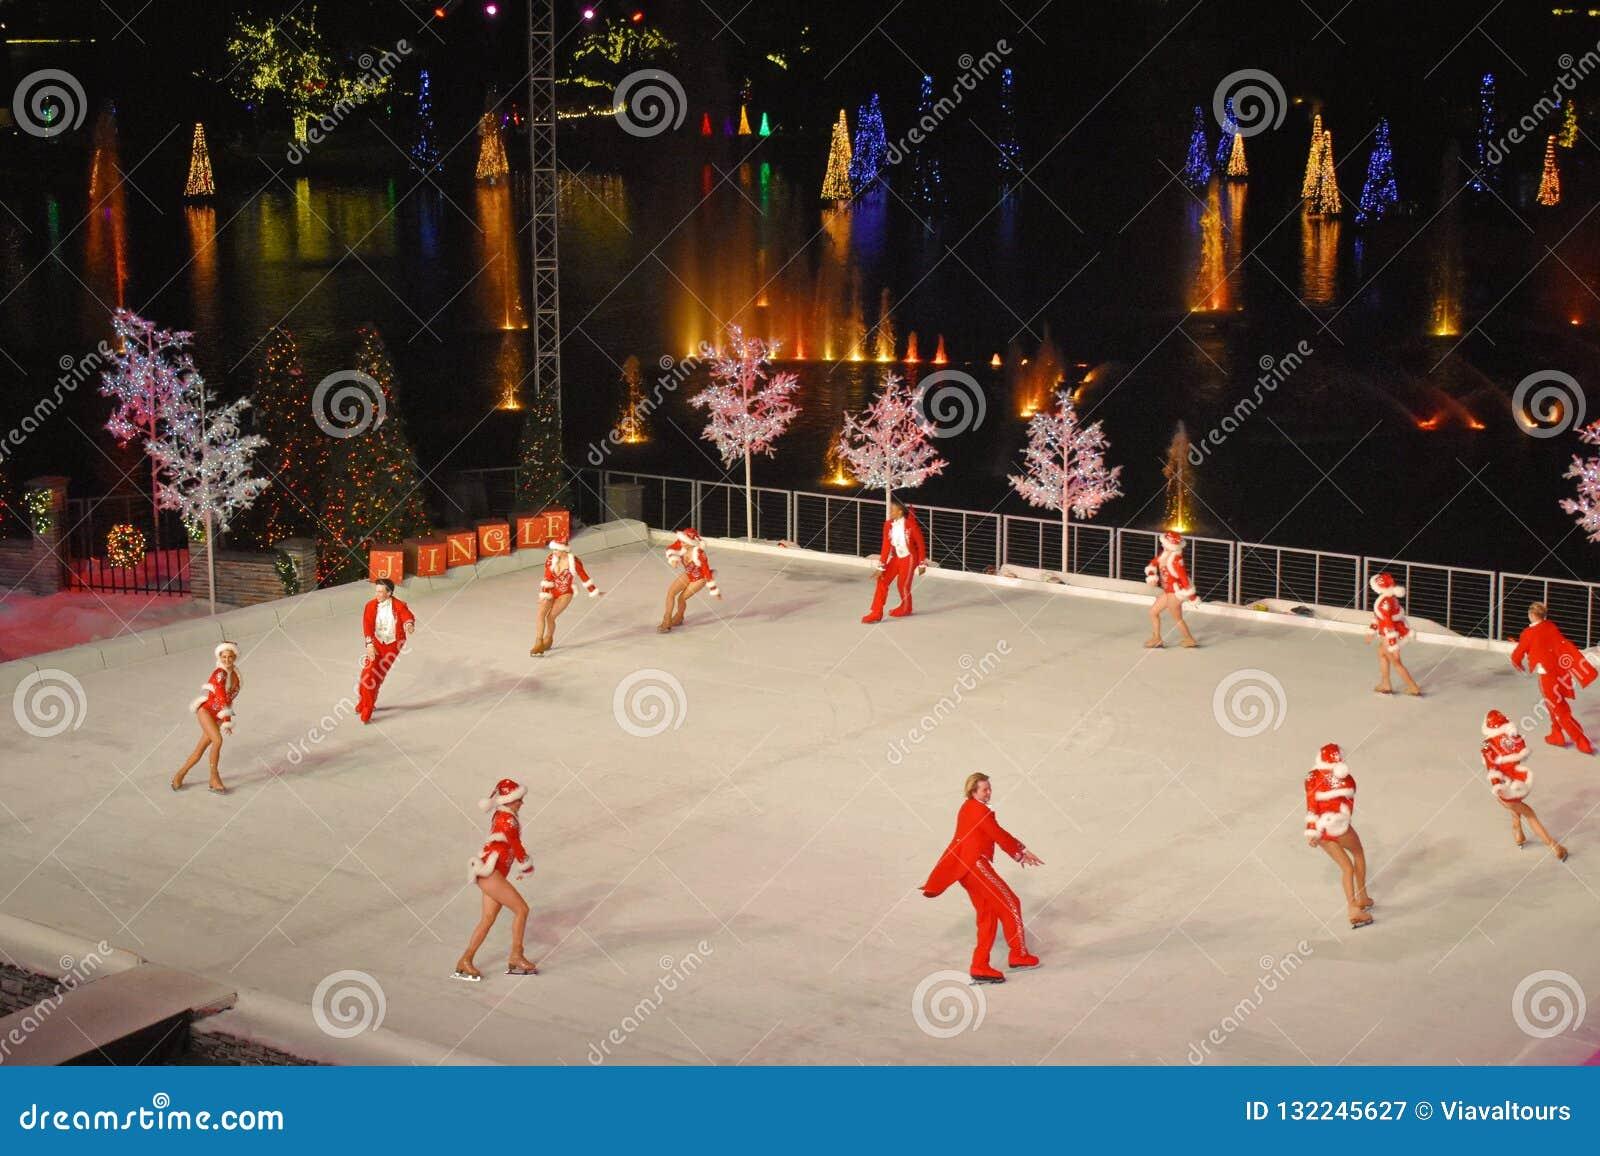 Fotos Profesionales De Navidad.Patinadores Profesionales Que Hacen Una Ronda Durante La